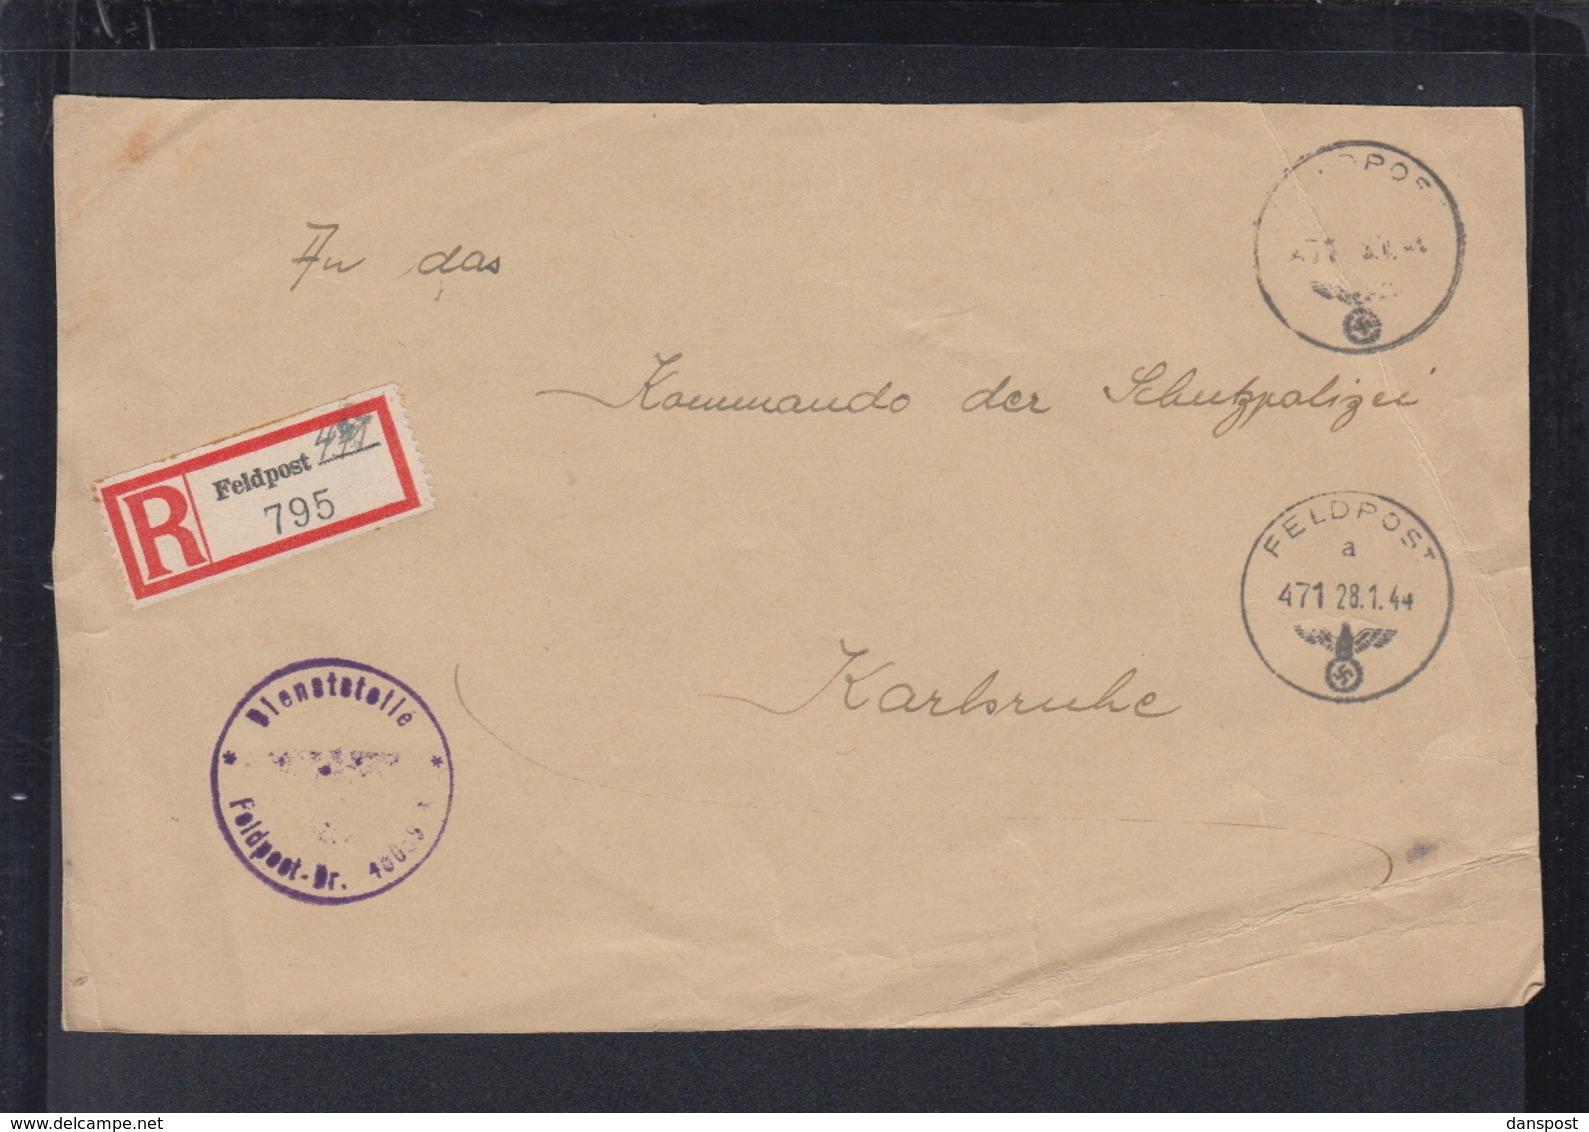 Dt. Reich Feldpost R-Zettel Auf Brief Vorderseite 1944an Schupo Karlsruhe - Duitsland